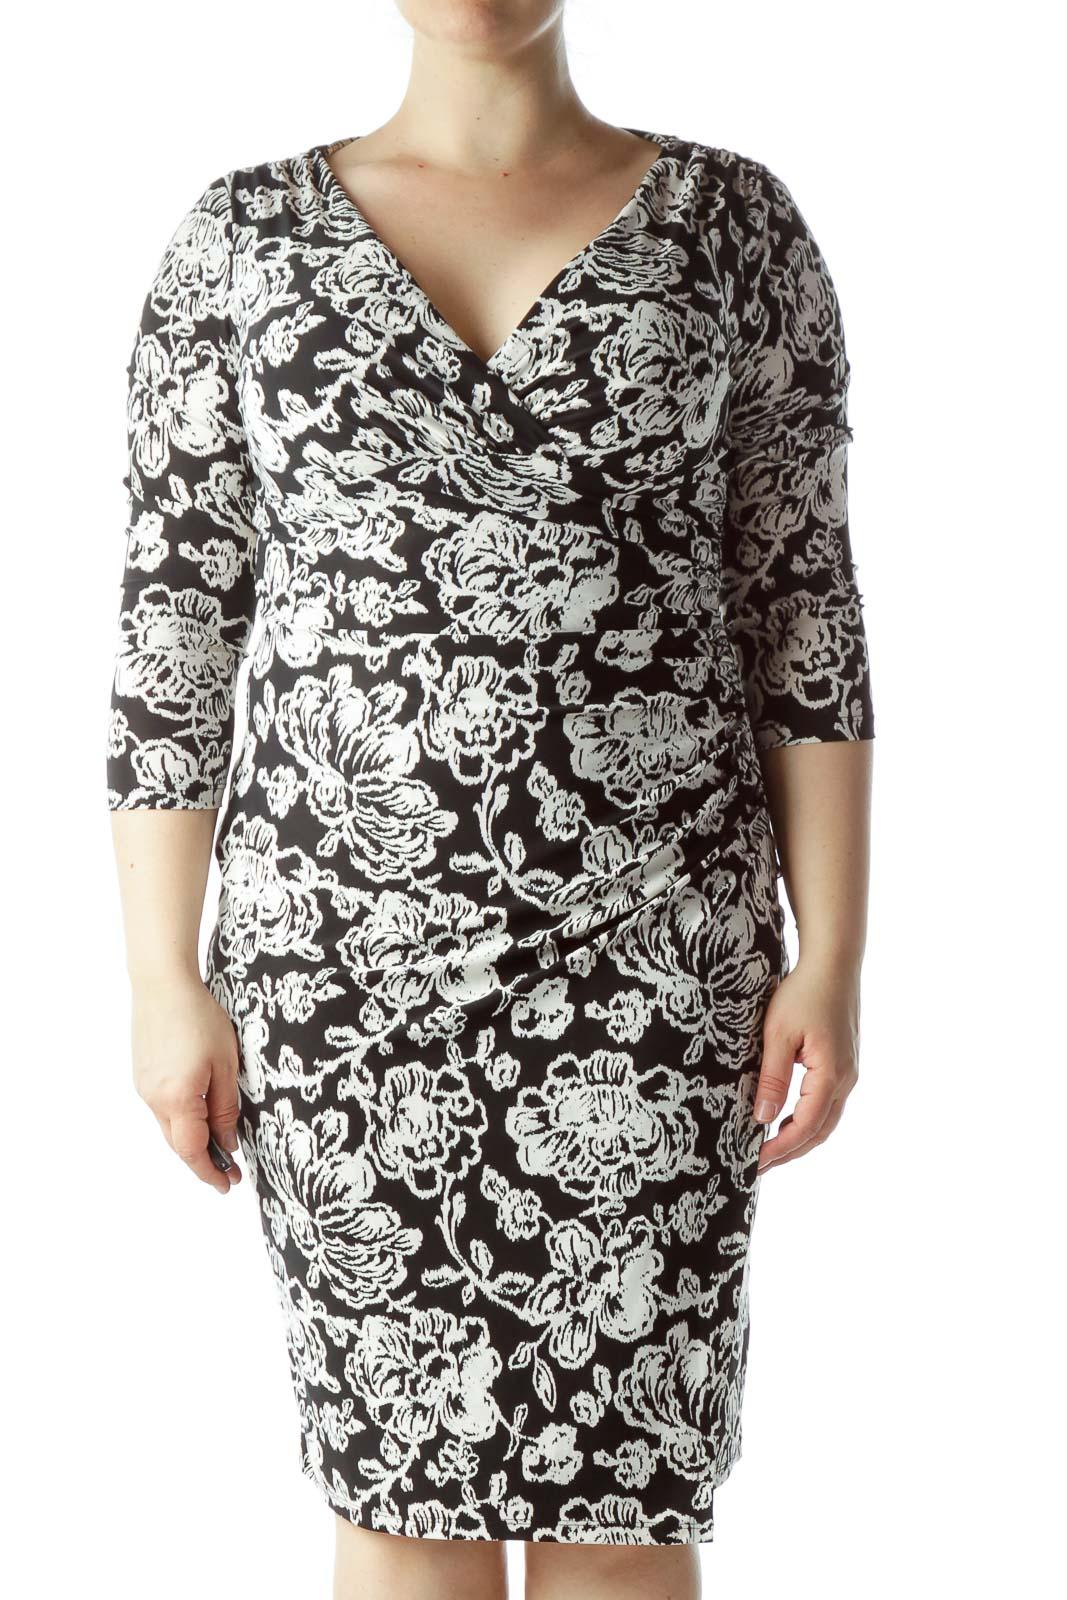 Black Flower Printed Dress Front